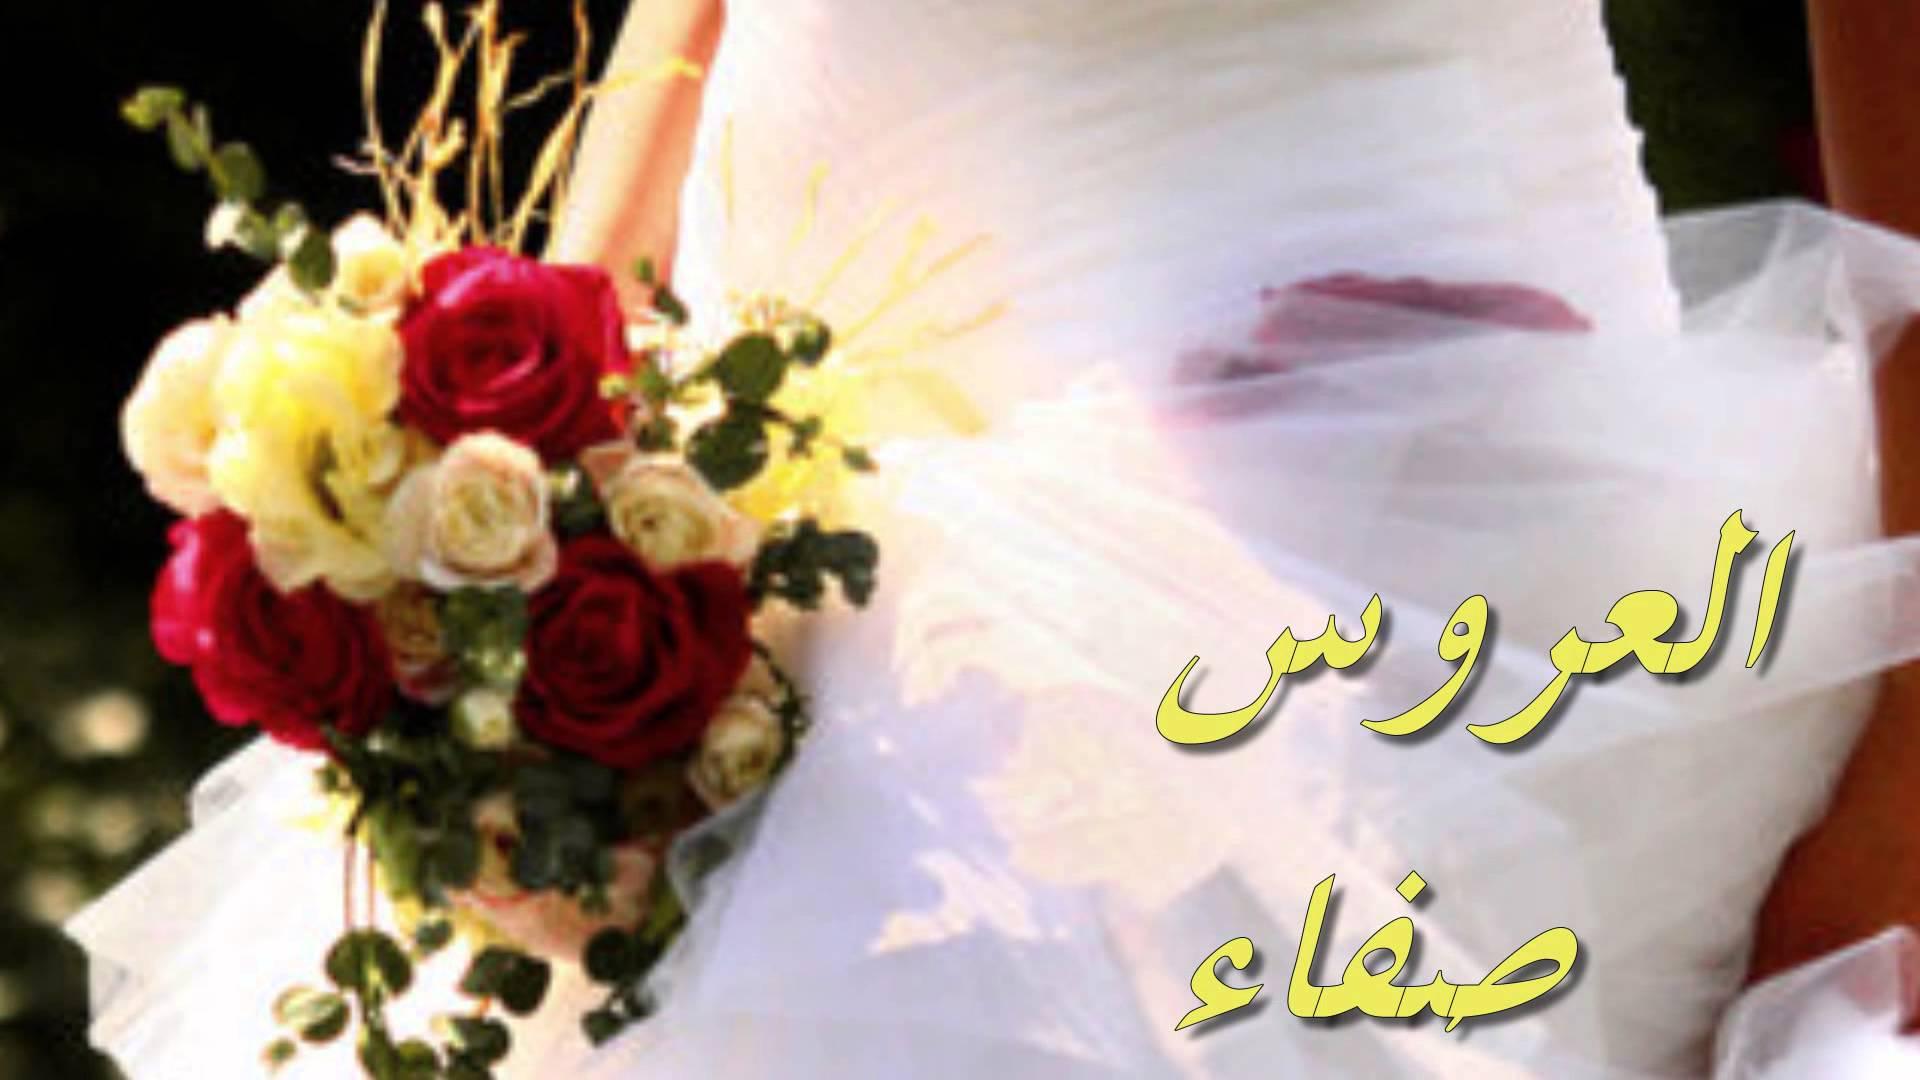 بالصور صور اسم صفاء , اجمل صور لاسم صفاء 42 5